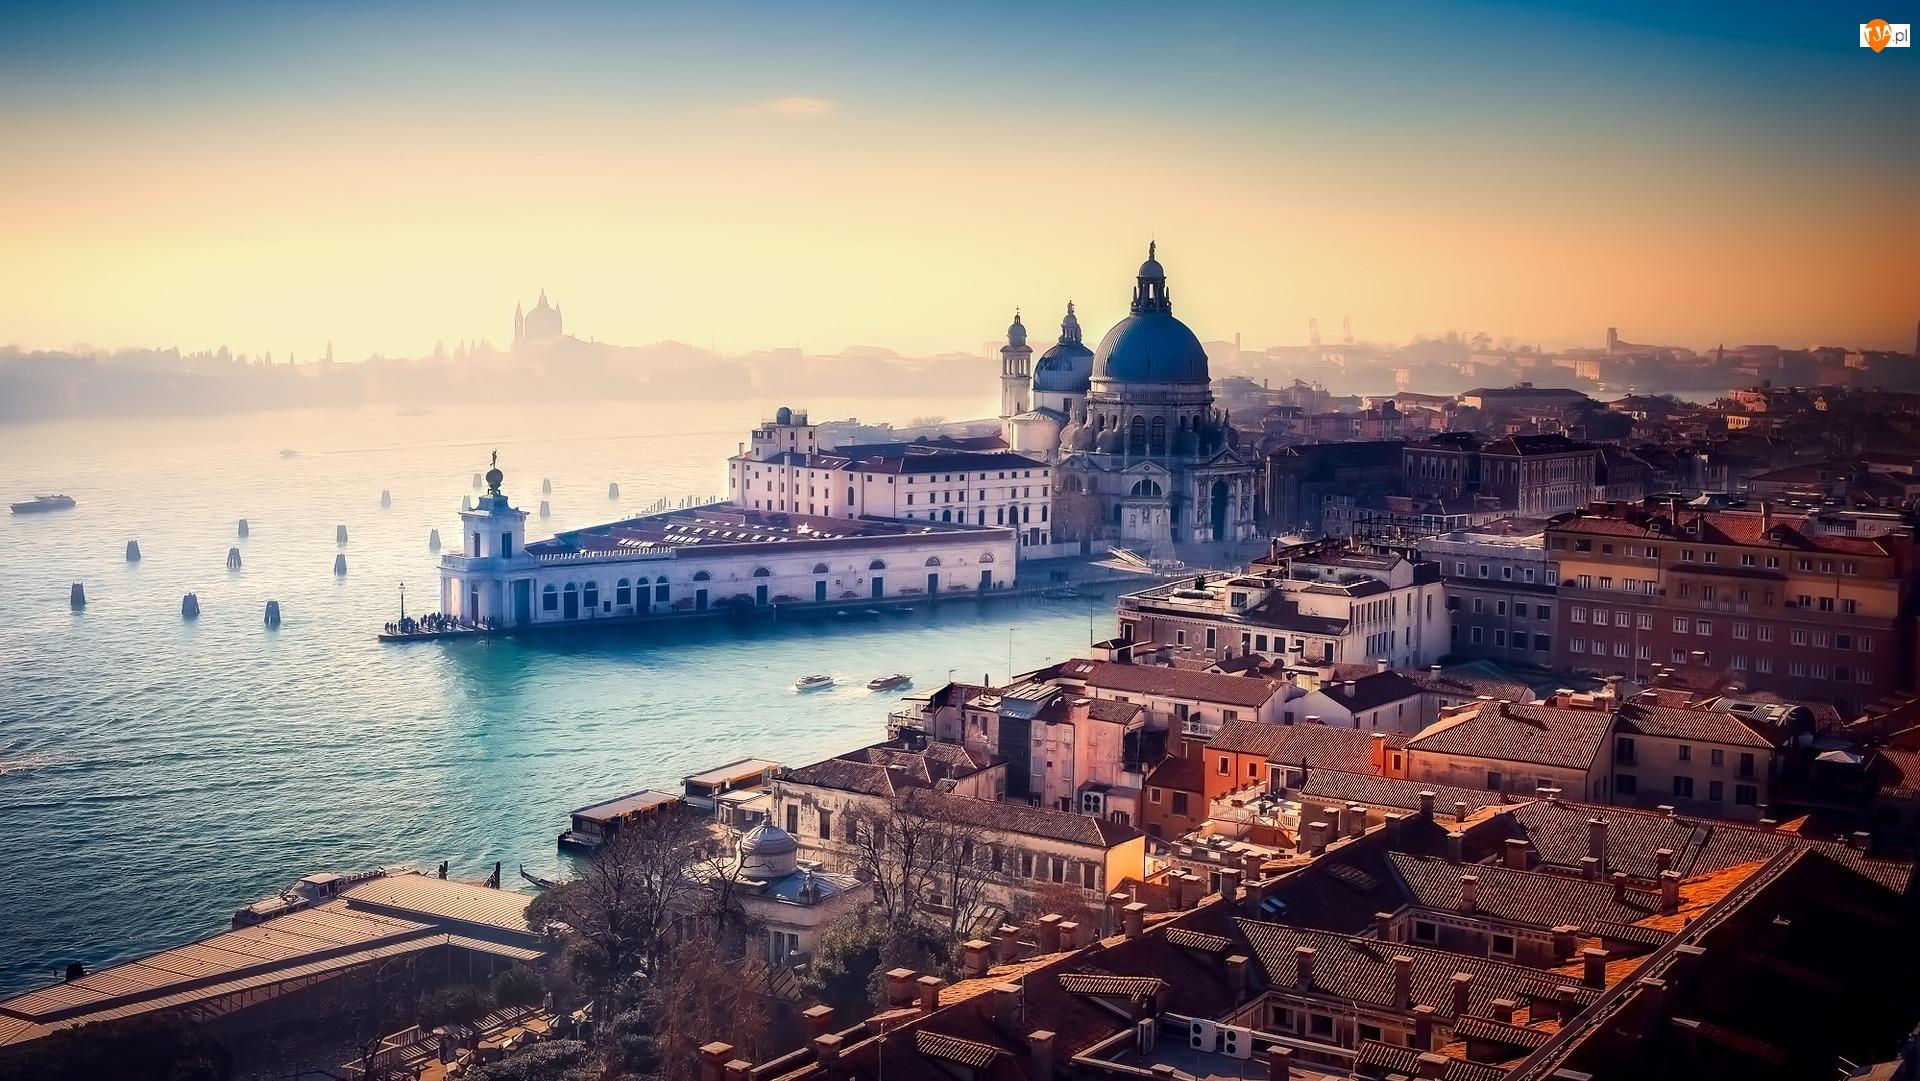 Bazylika Santa Maria della Salute, Włochy, Wenecja, Kanał Canal Grande